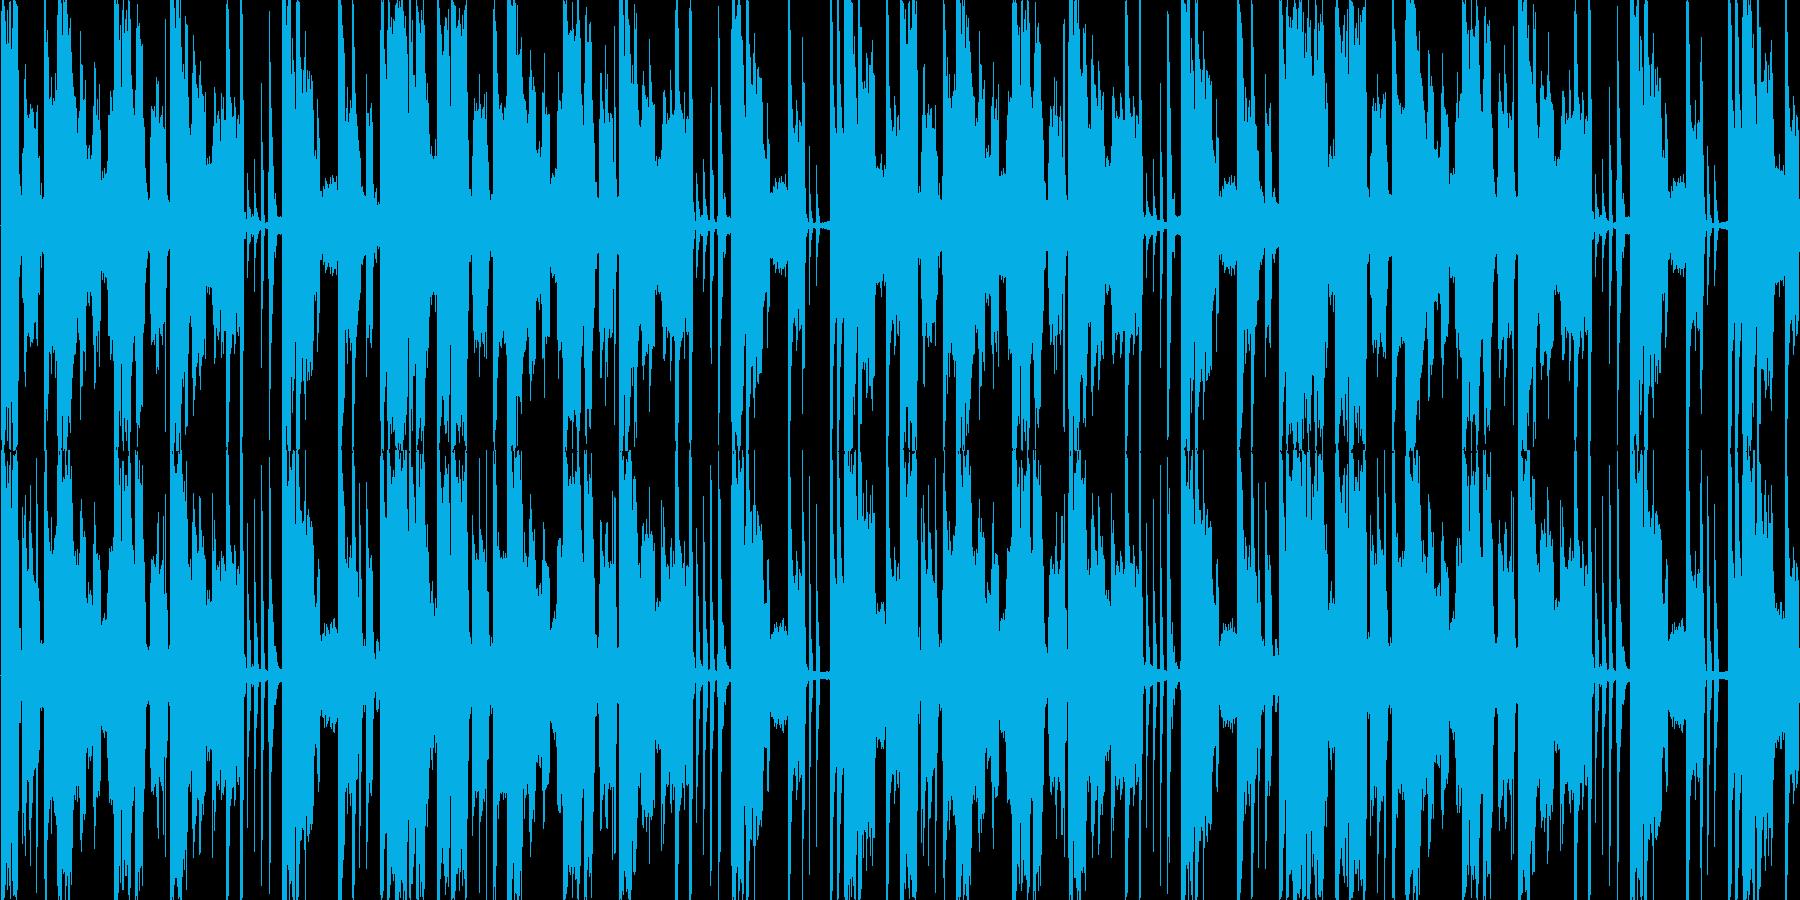 スクリレックス風ジングルの再生済みの波形